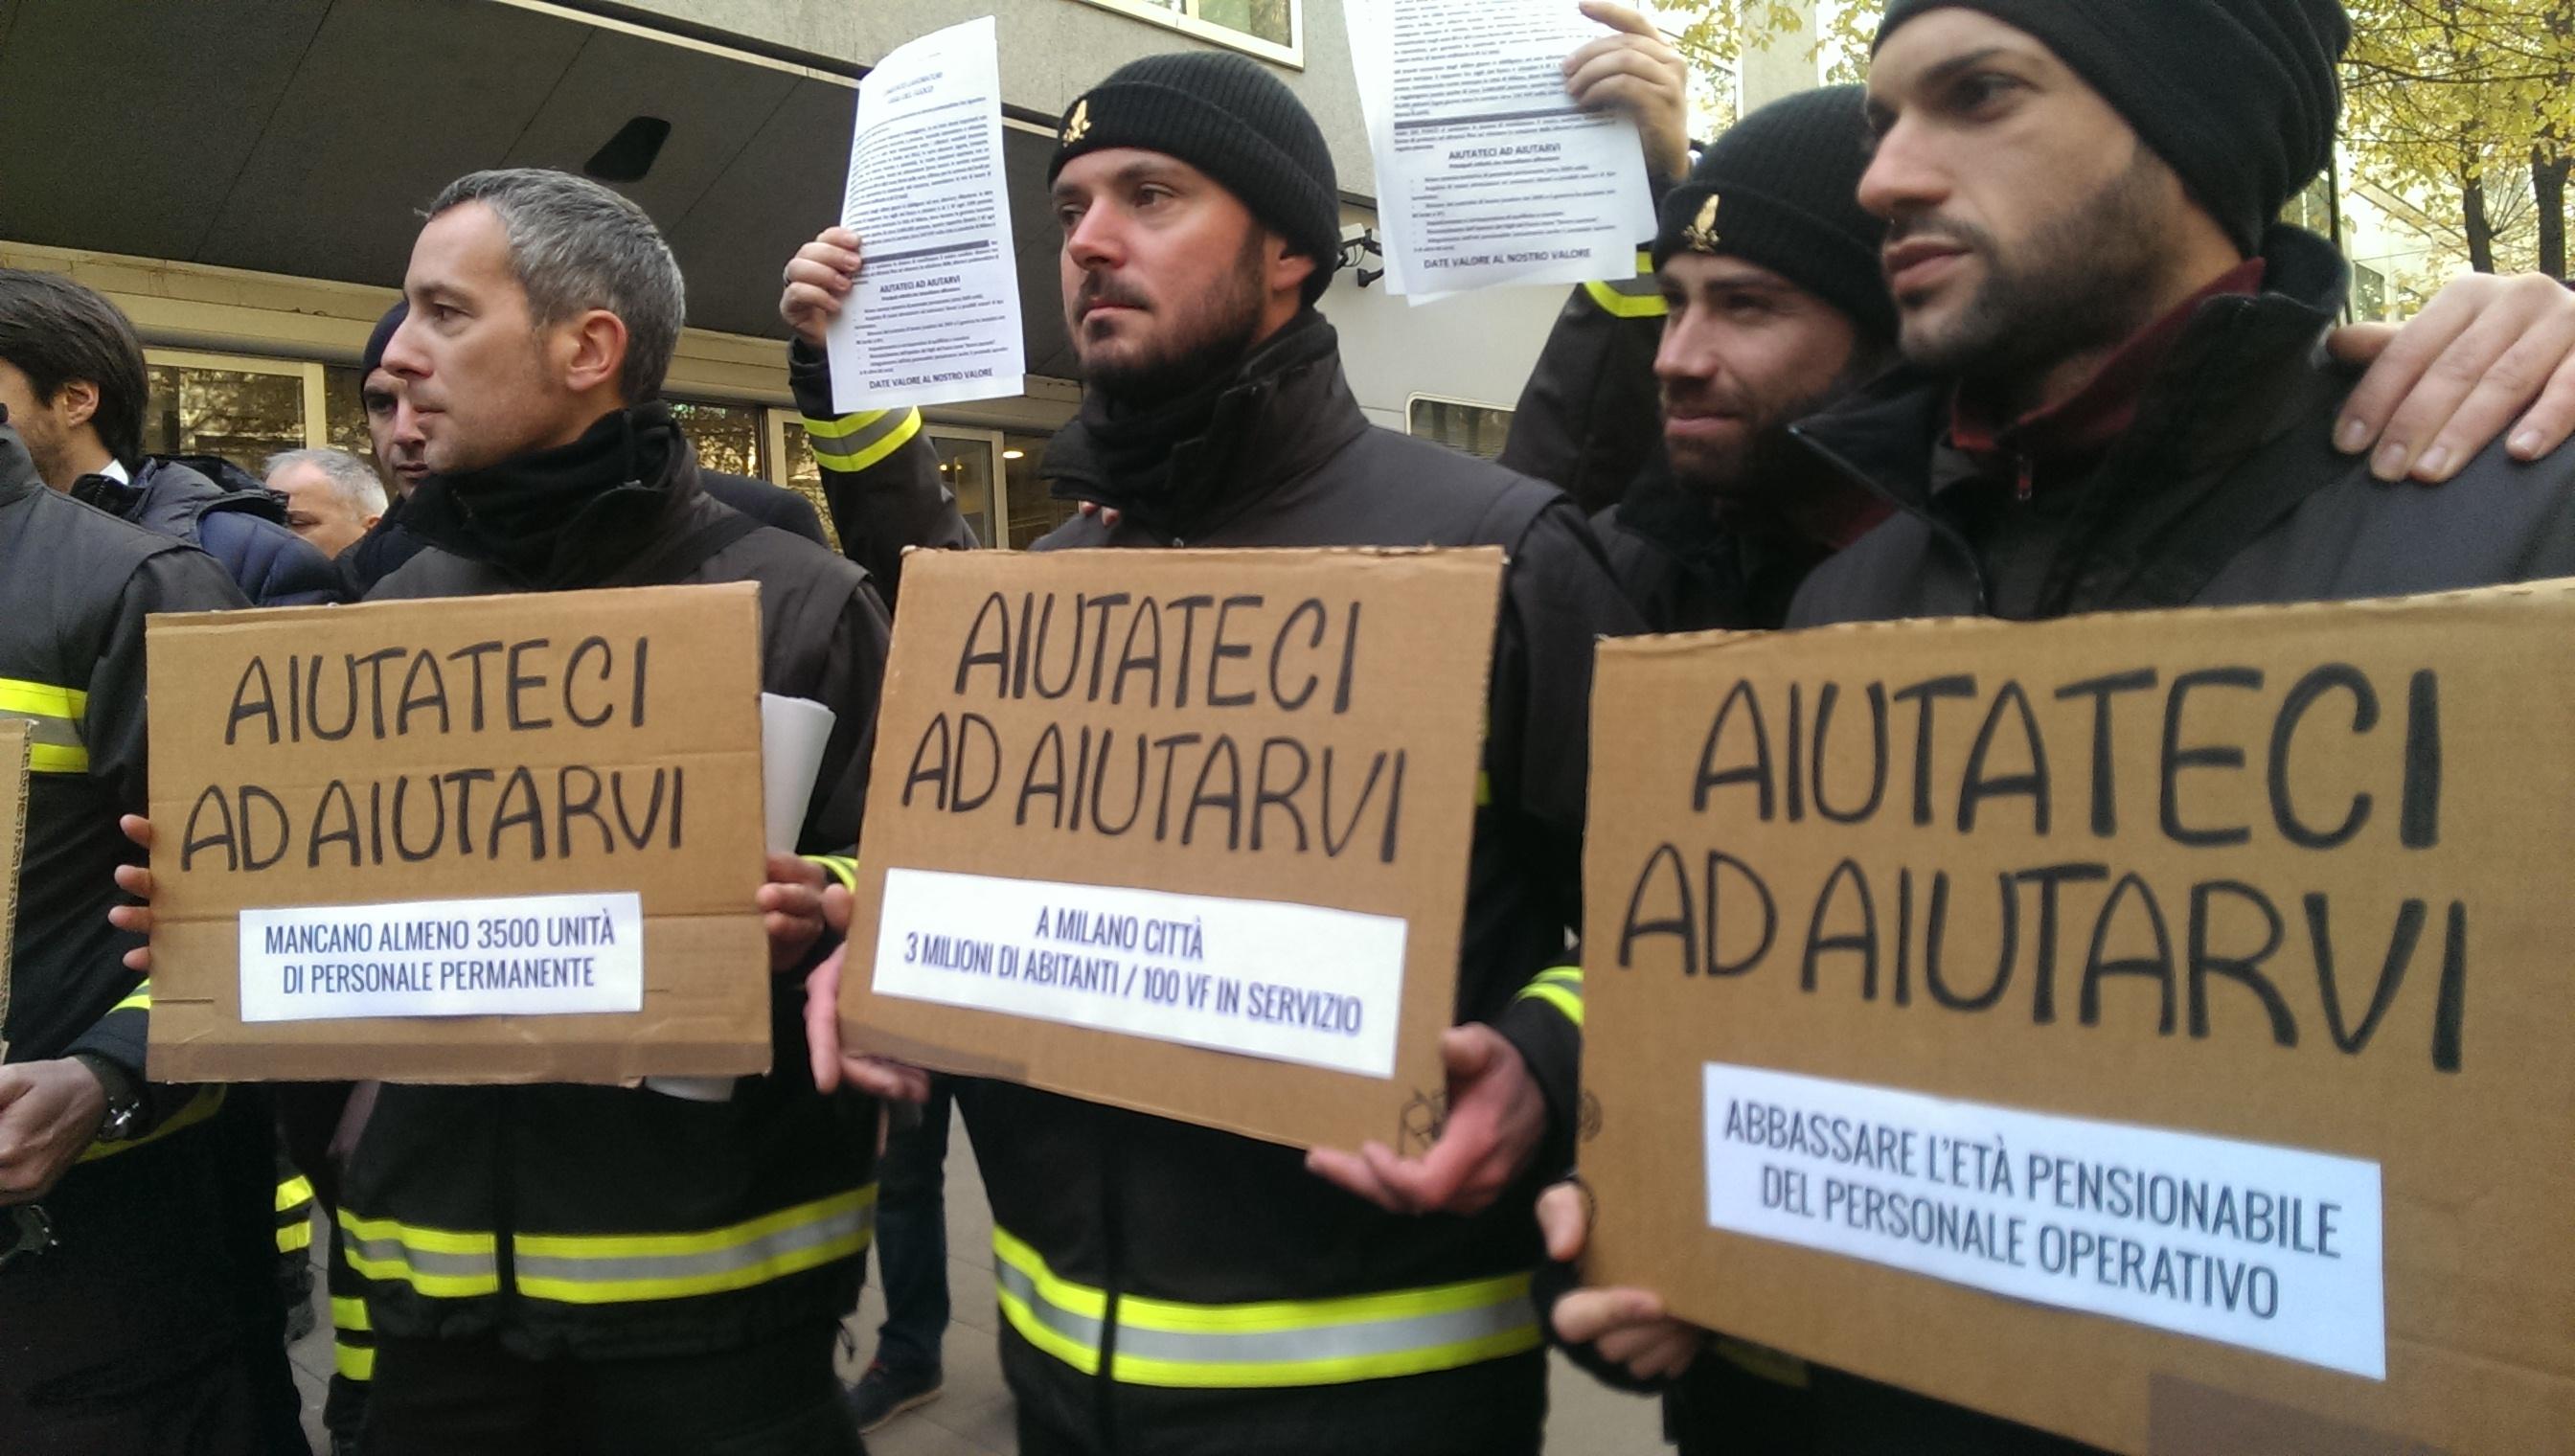 Il M5S sostiene la protesta dei Vigili del Fuoco: è ora di stanziare risorse